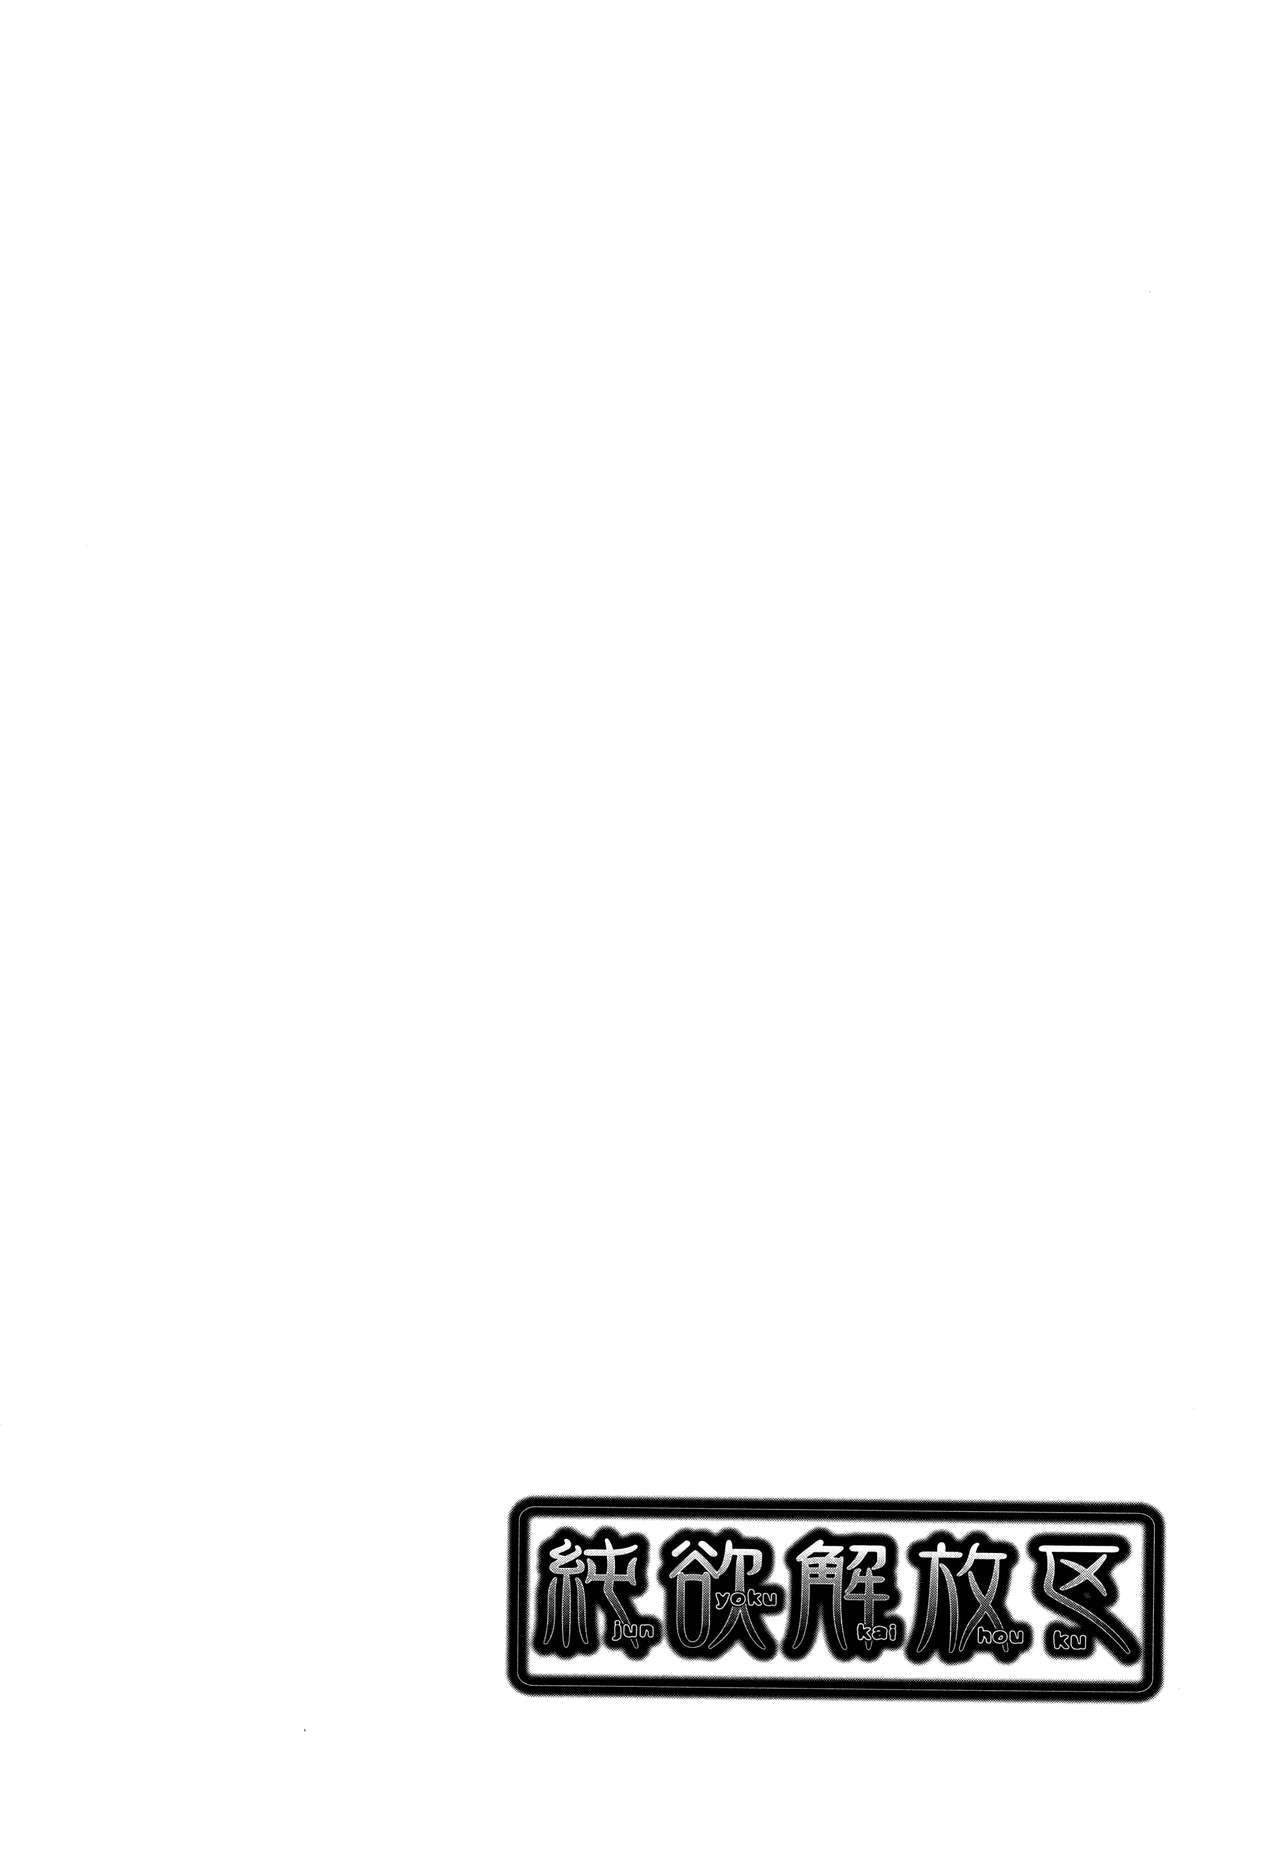 Junyoku Kaihouku 6-goushitsu 23